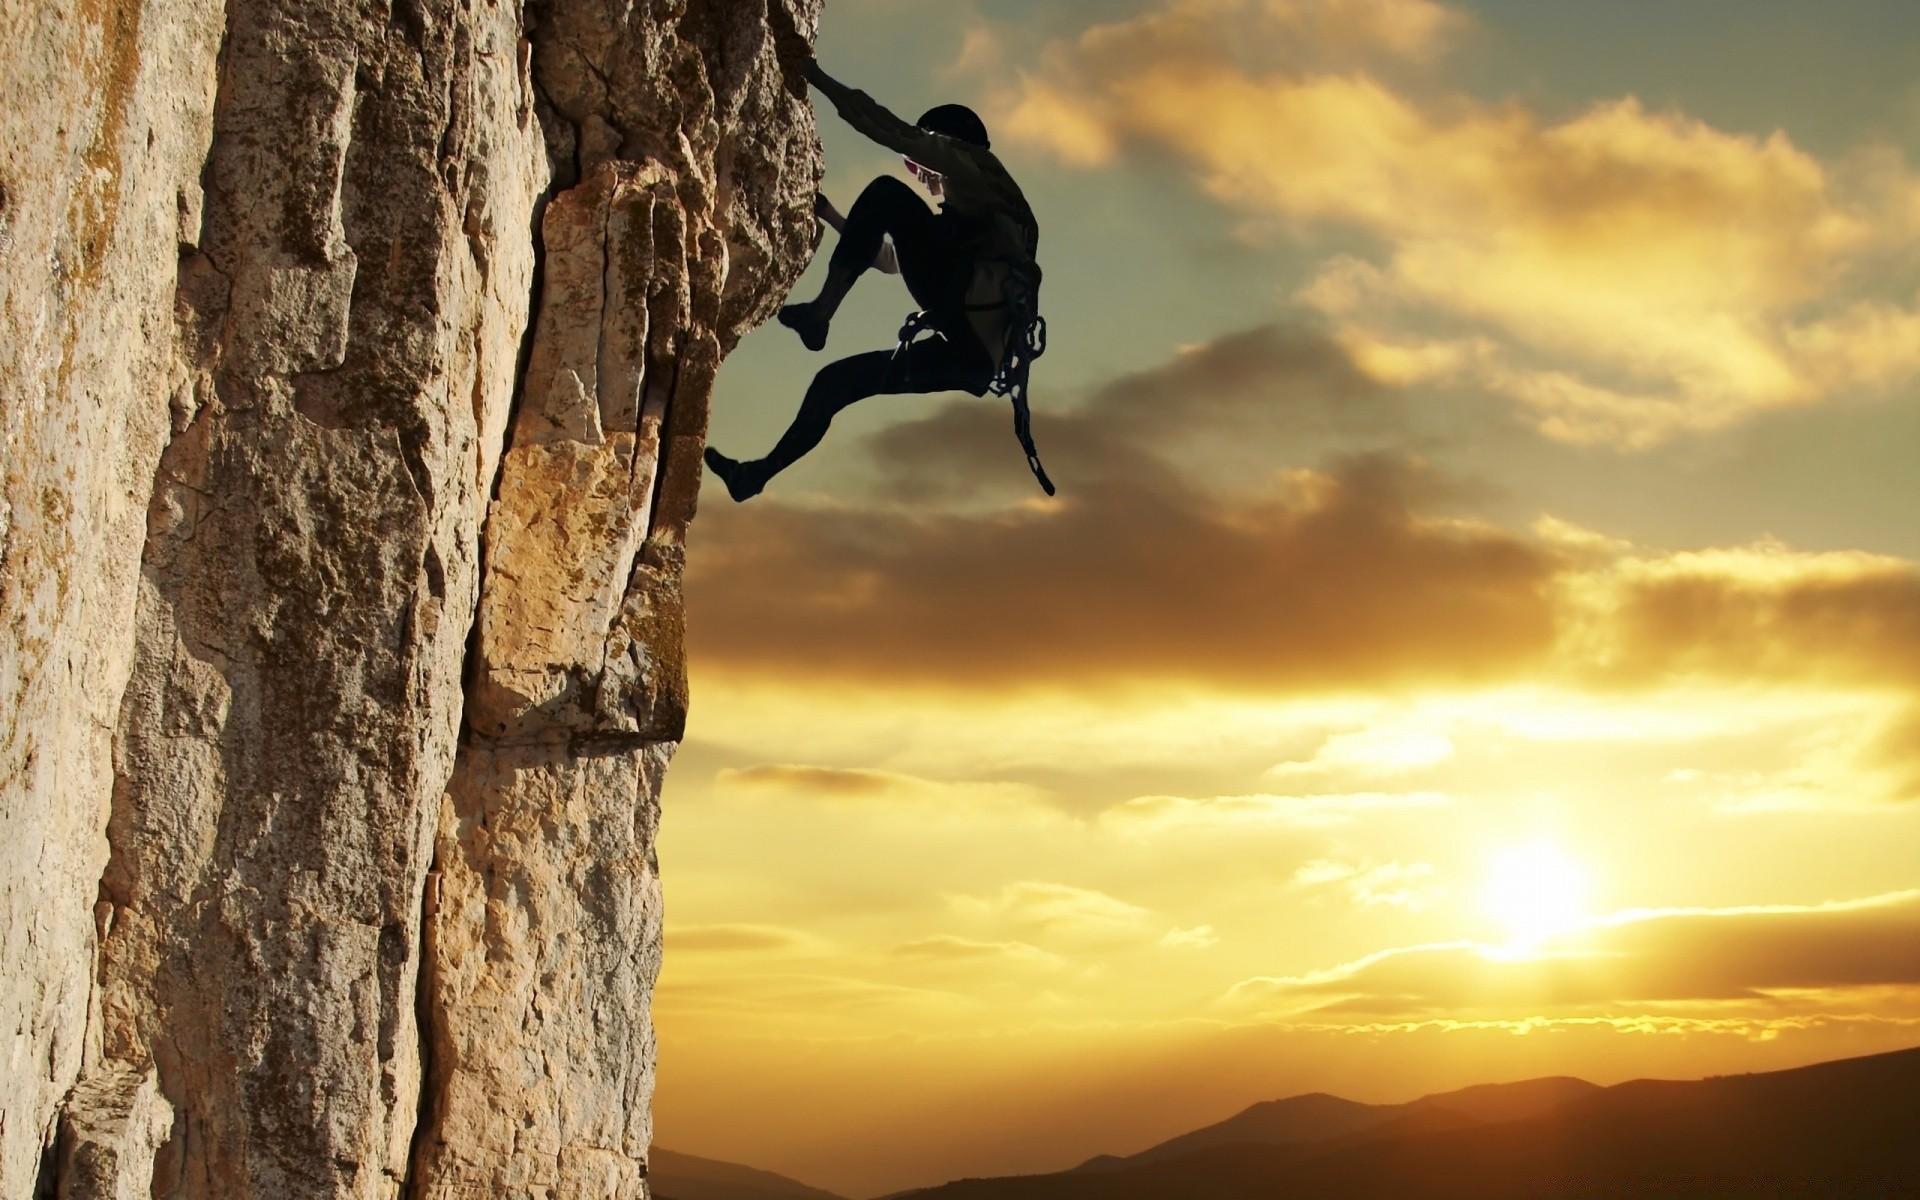 Если дорога вниз ведет в пещеру, то таким образом вы пытаетесь заглянуть внутрь себя, вспомнить что-то важное, что может помочь в конкретной ситуации.